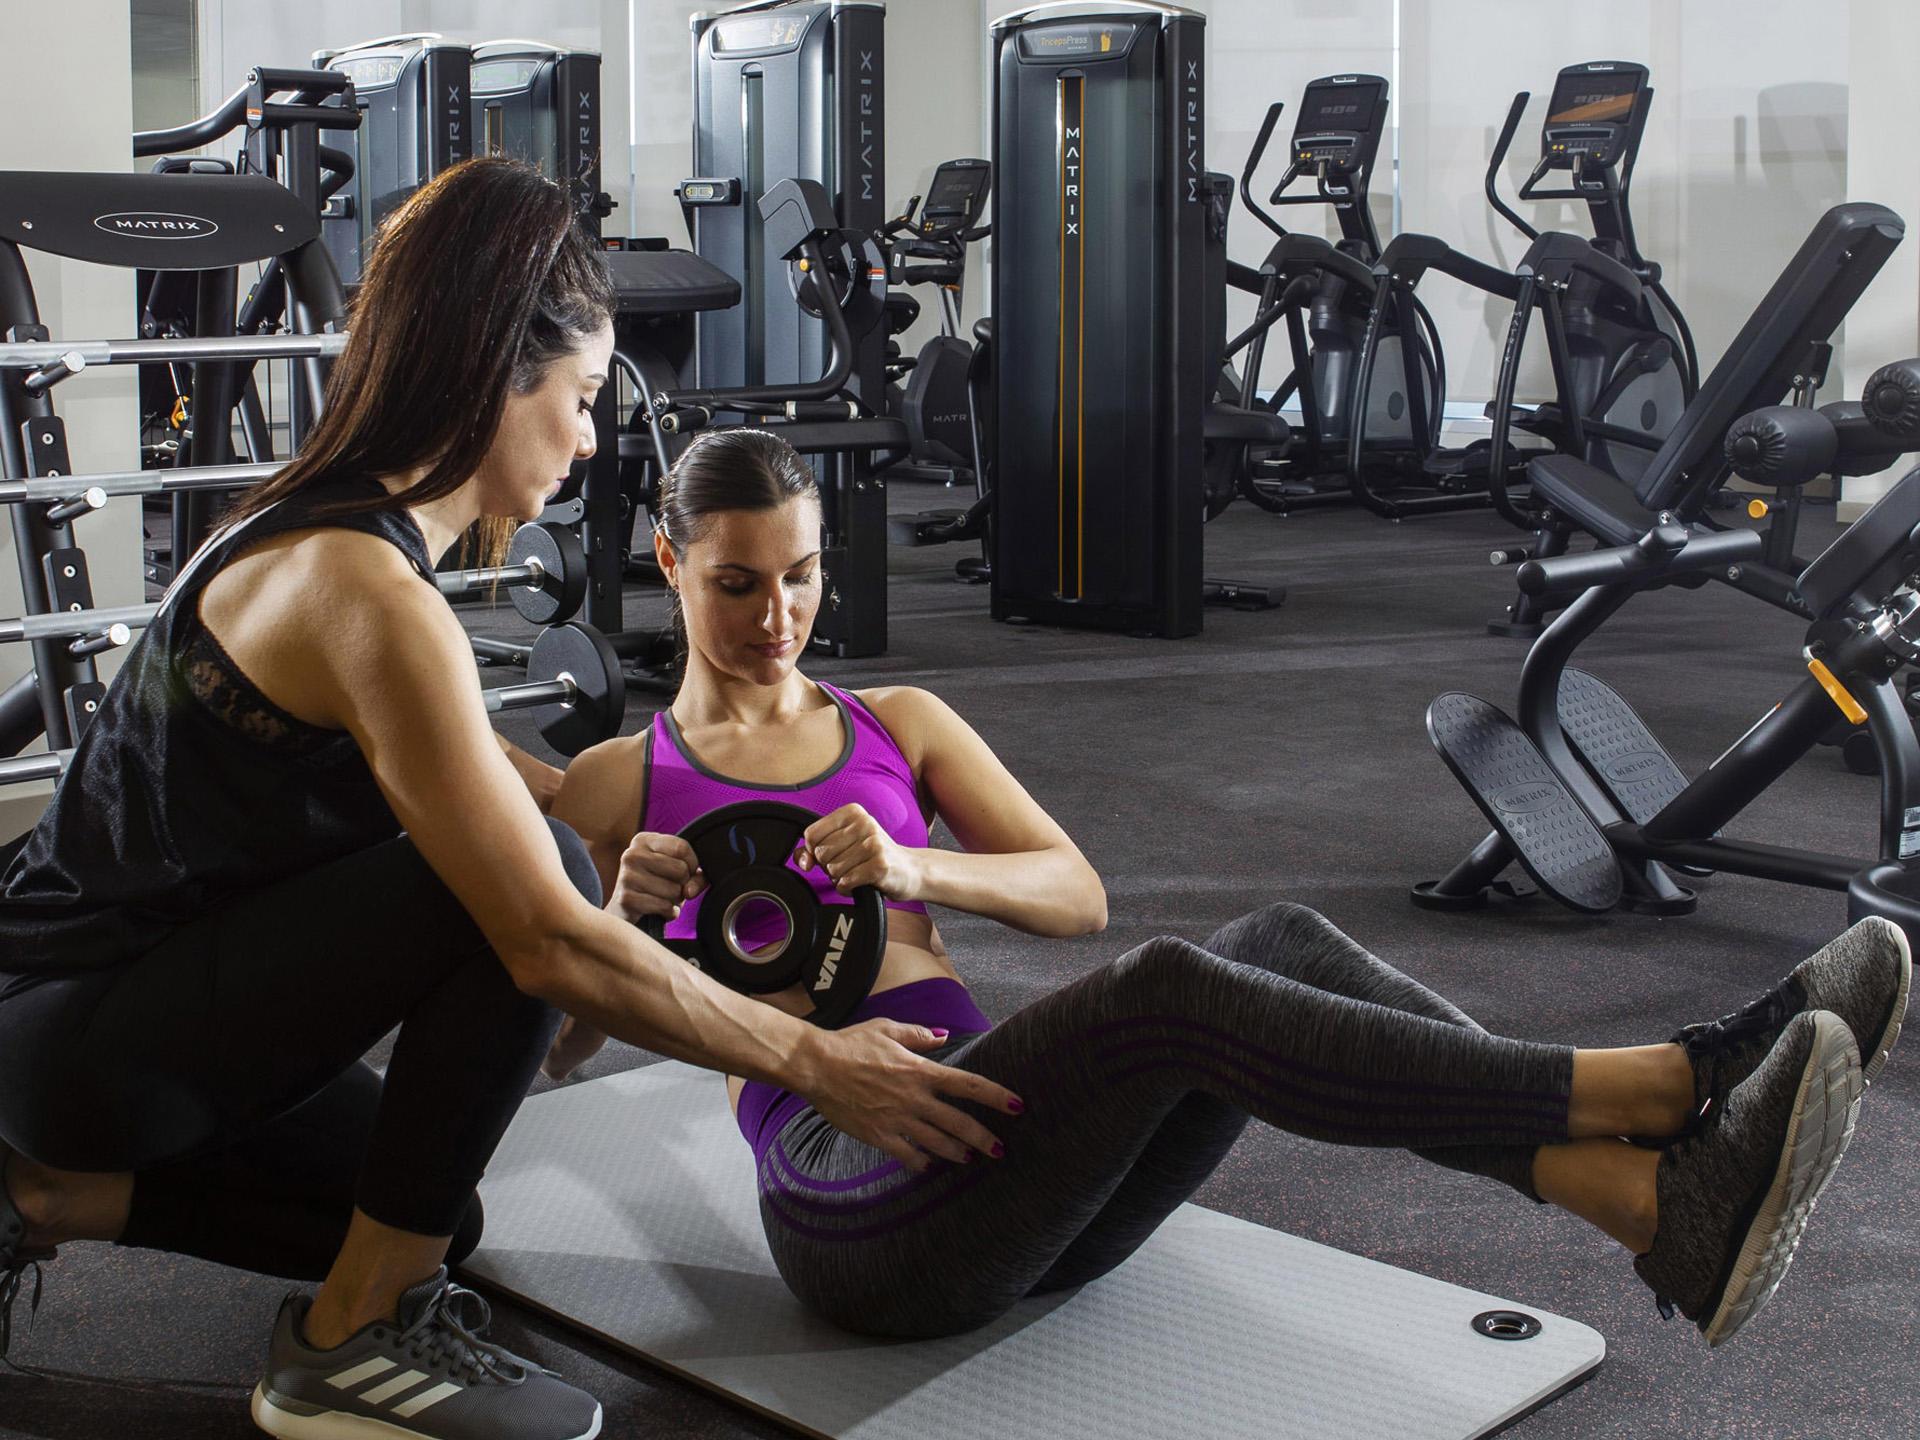 Matrix Fitness Centre at Grand Cosmopolitan Hotel in Dubai